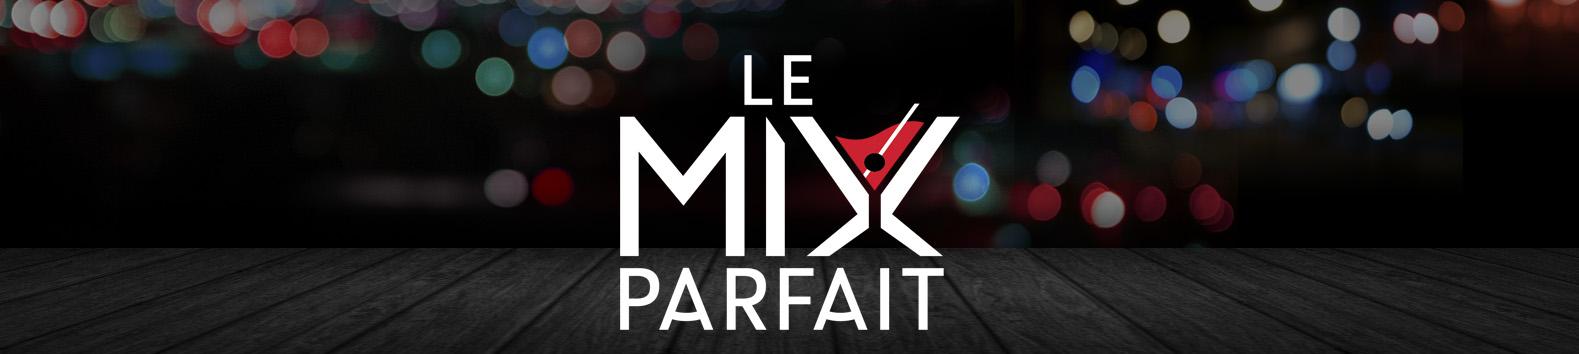 Services Le Mix Parfait,Mixologie qc